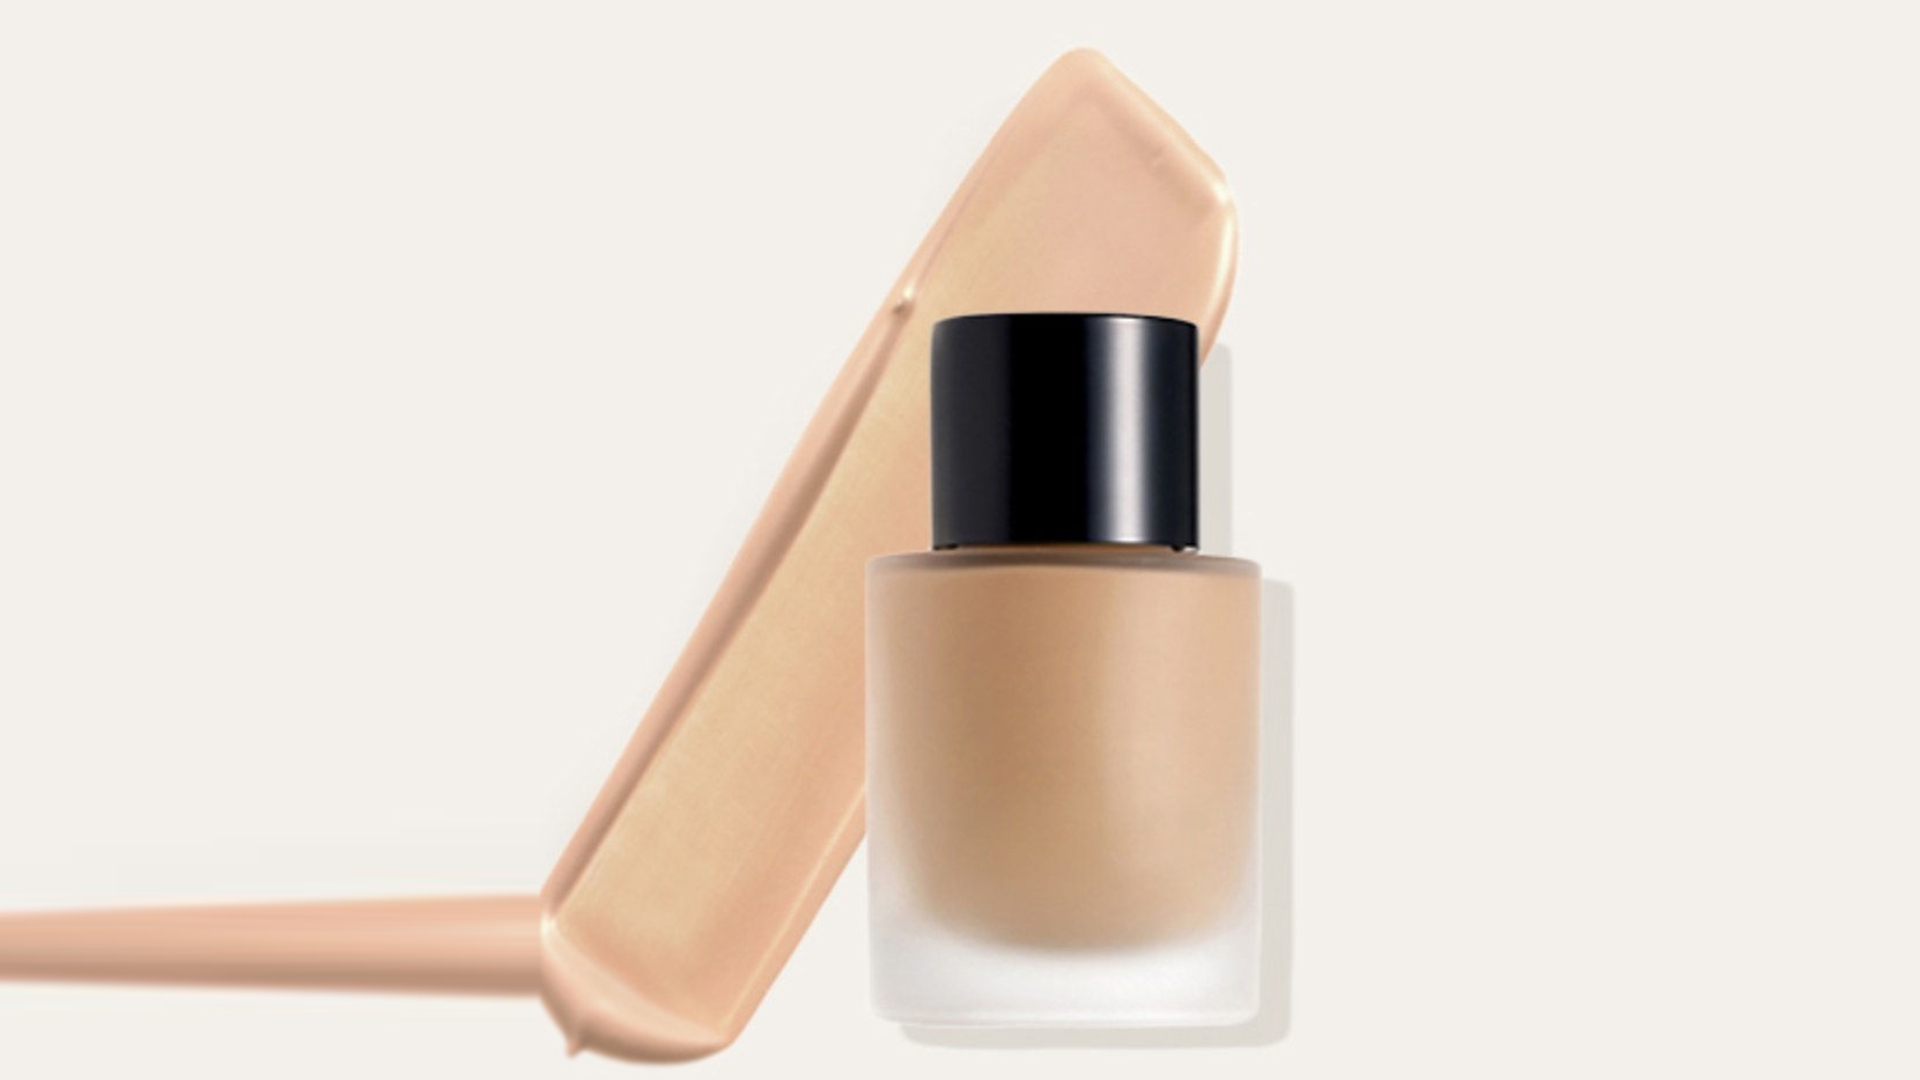 Makeup Tips: जब अचानक फाउंडेशन हो जाए खत्म, तो न हो परेशान, बस अपनाएं ये आसान जुगाड़